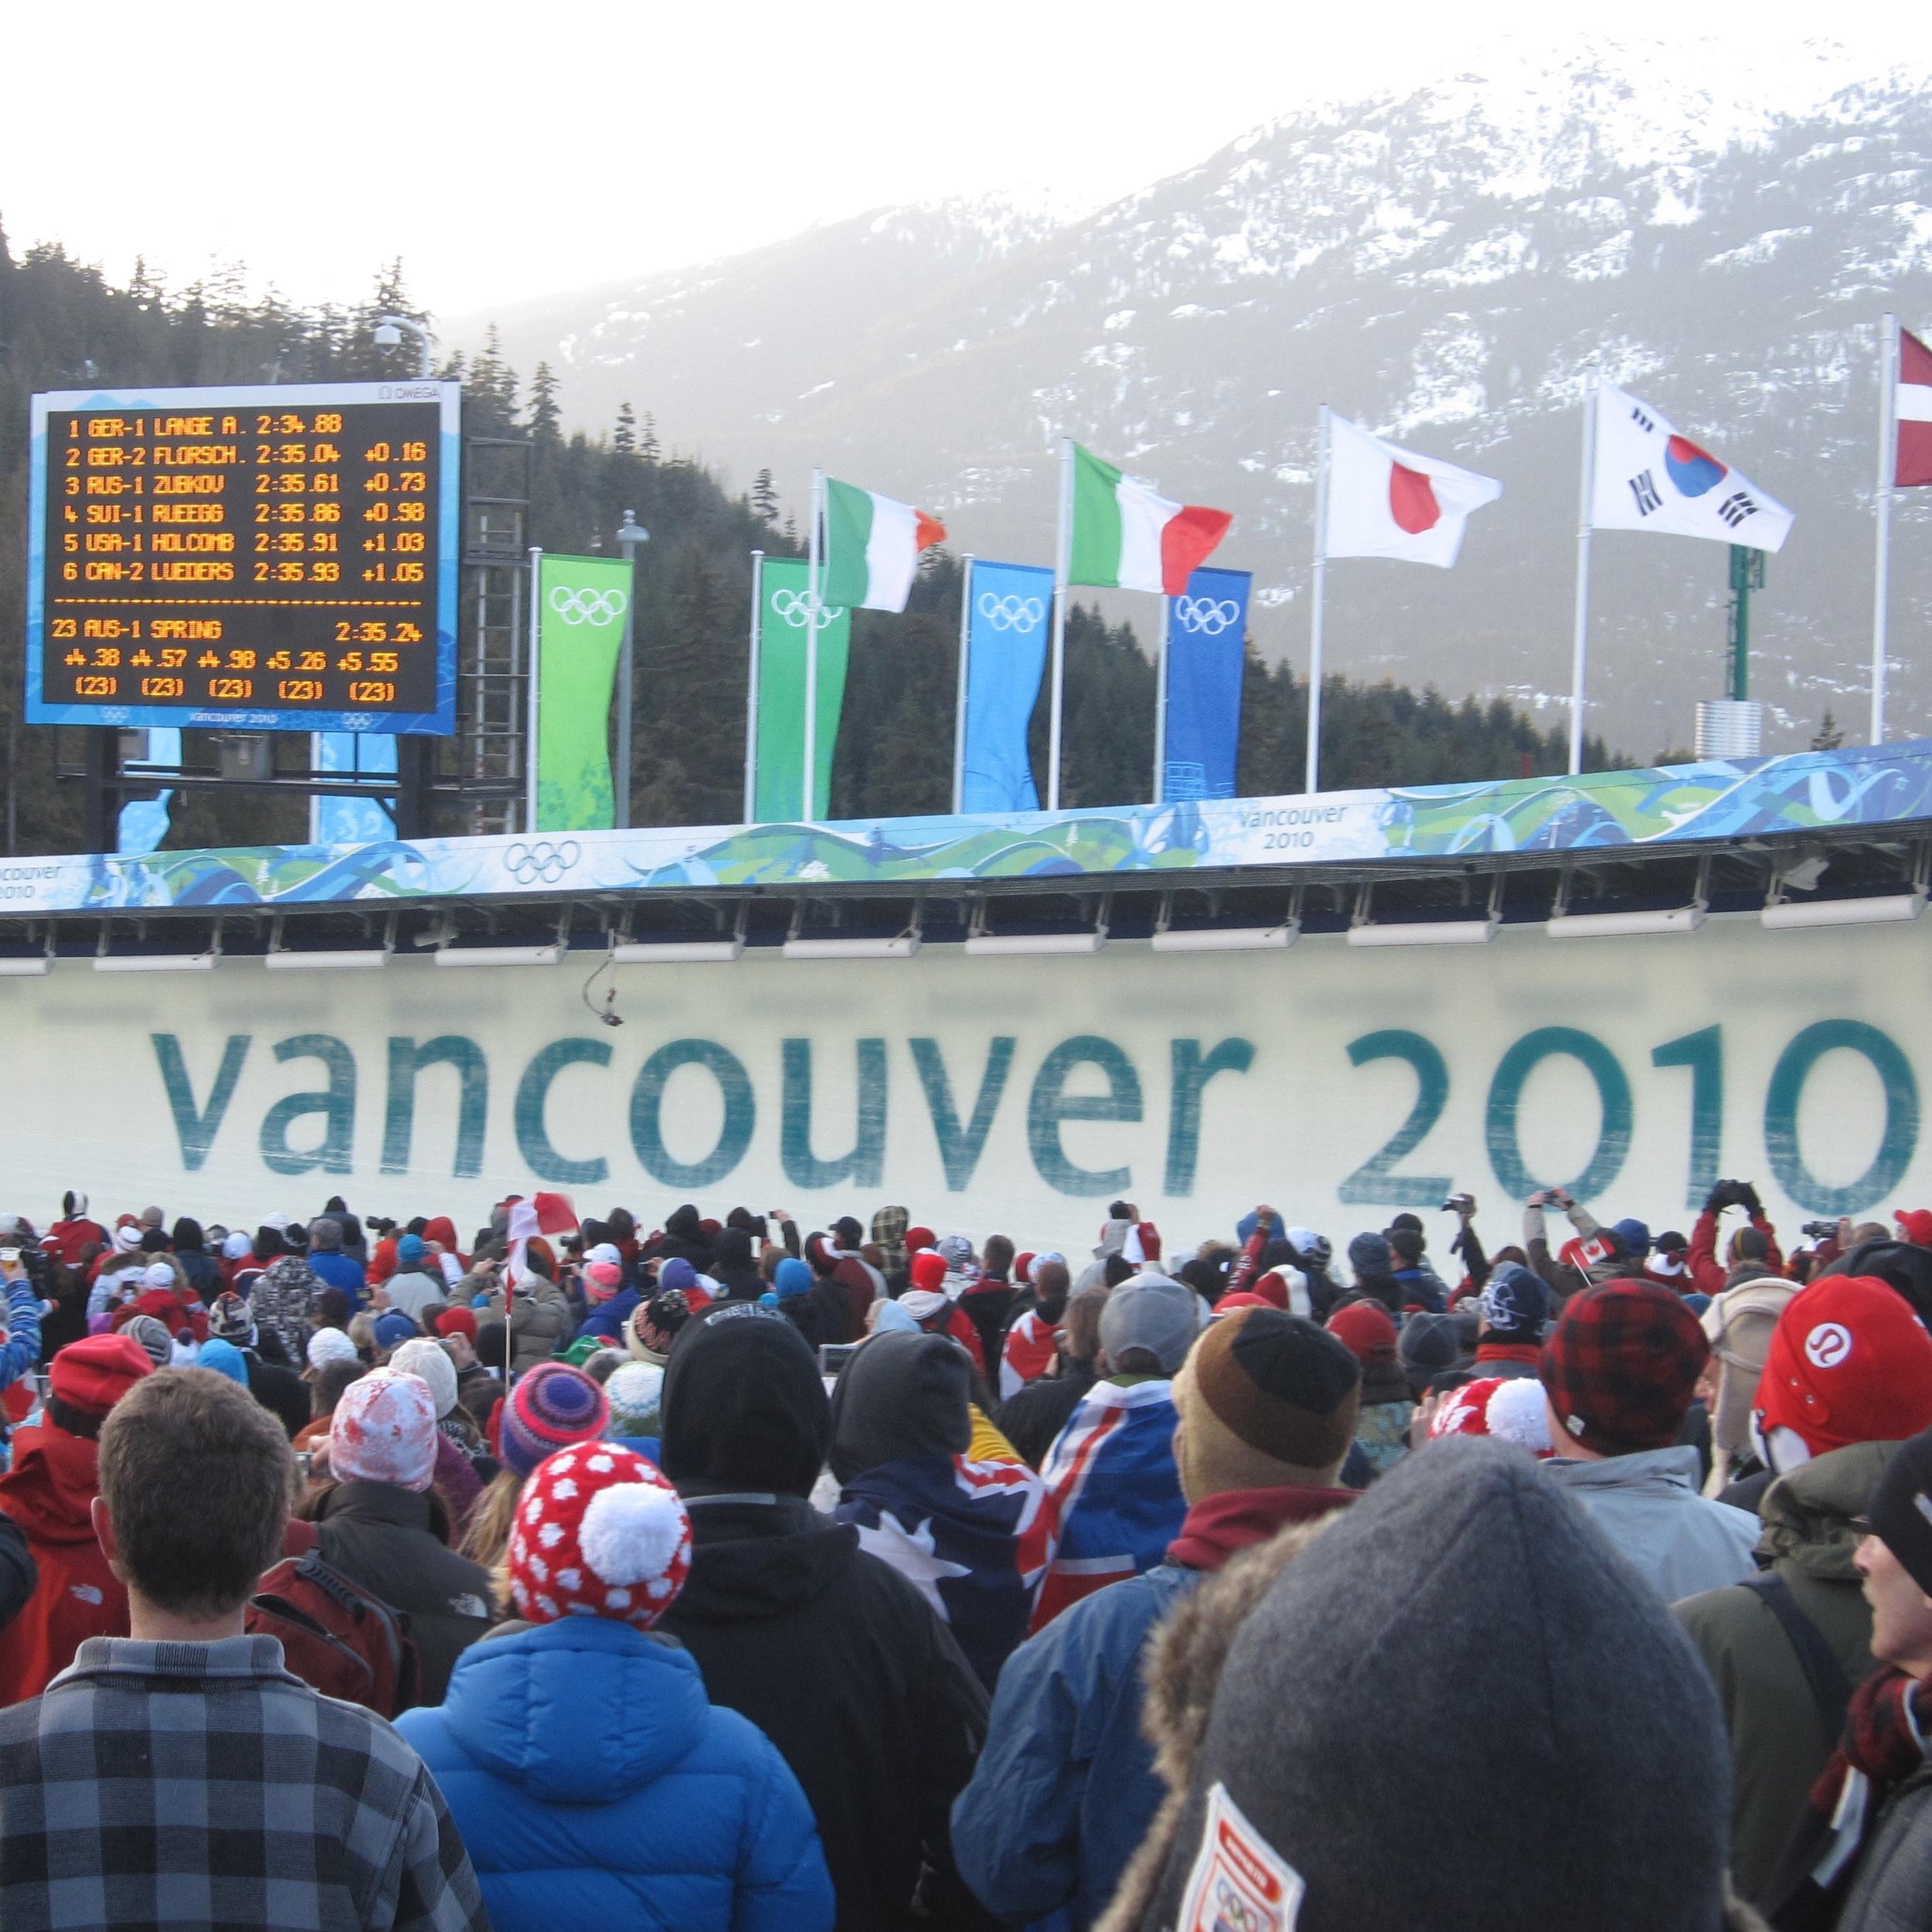 Vancouver 2010 - Whistler Sliding Centre